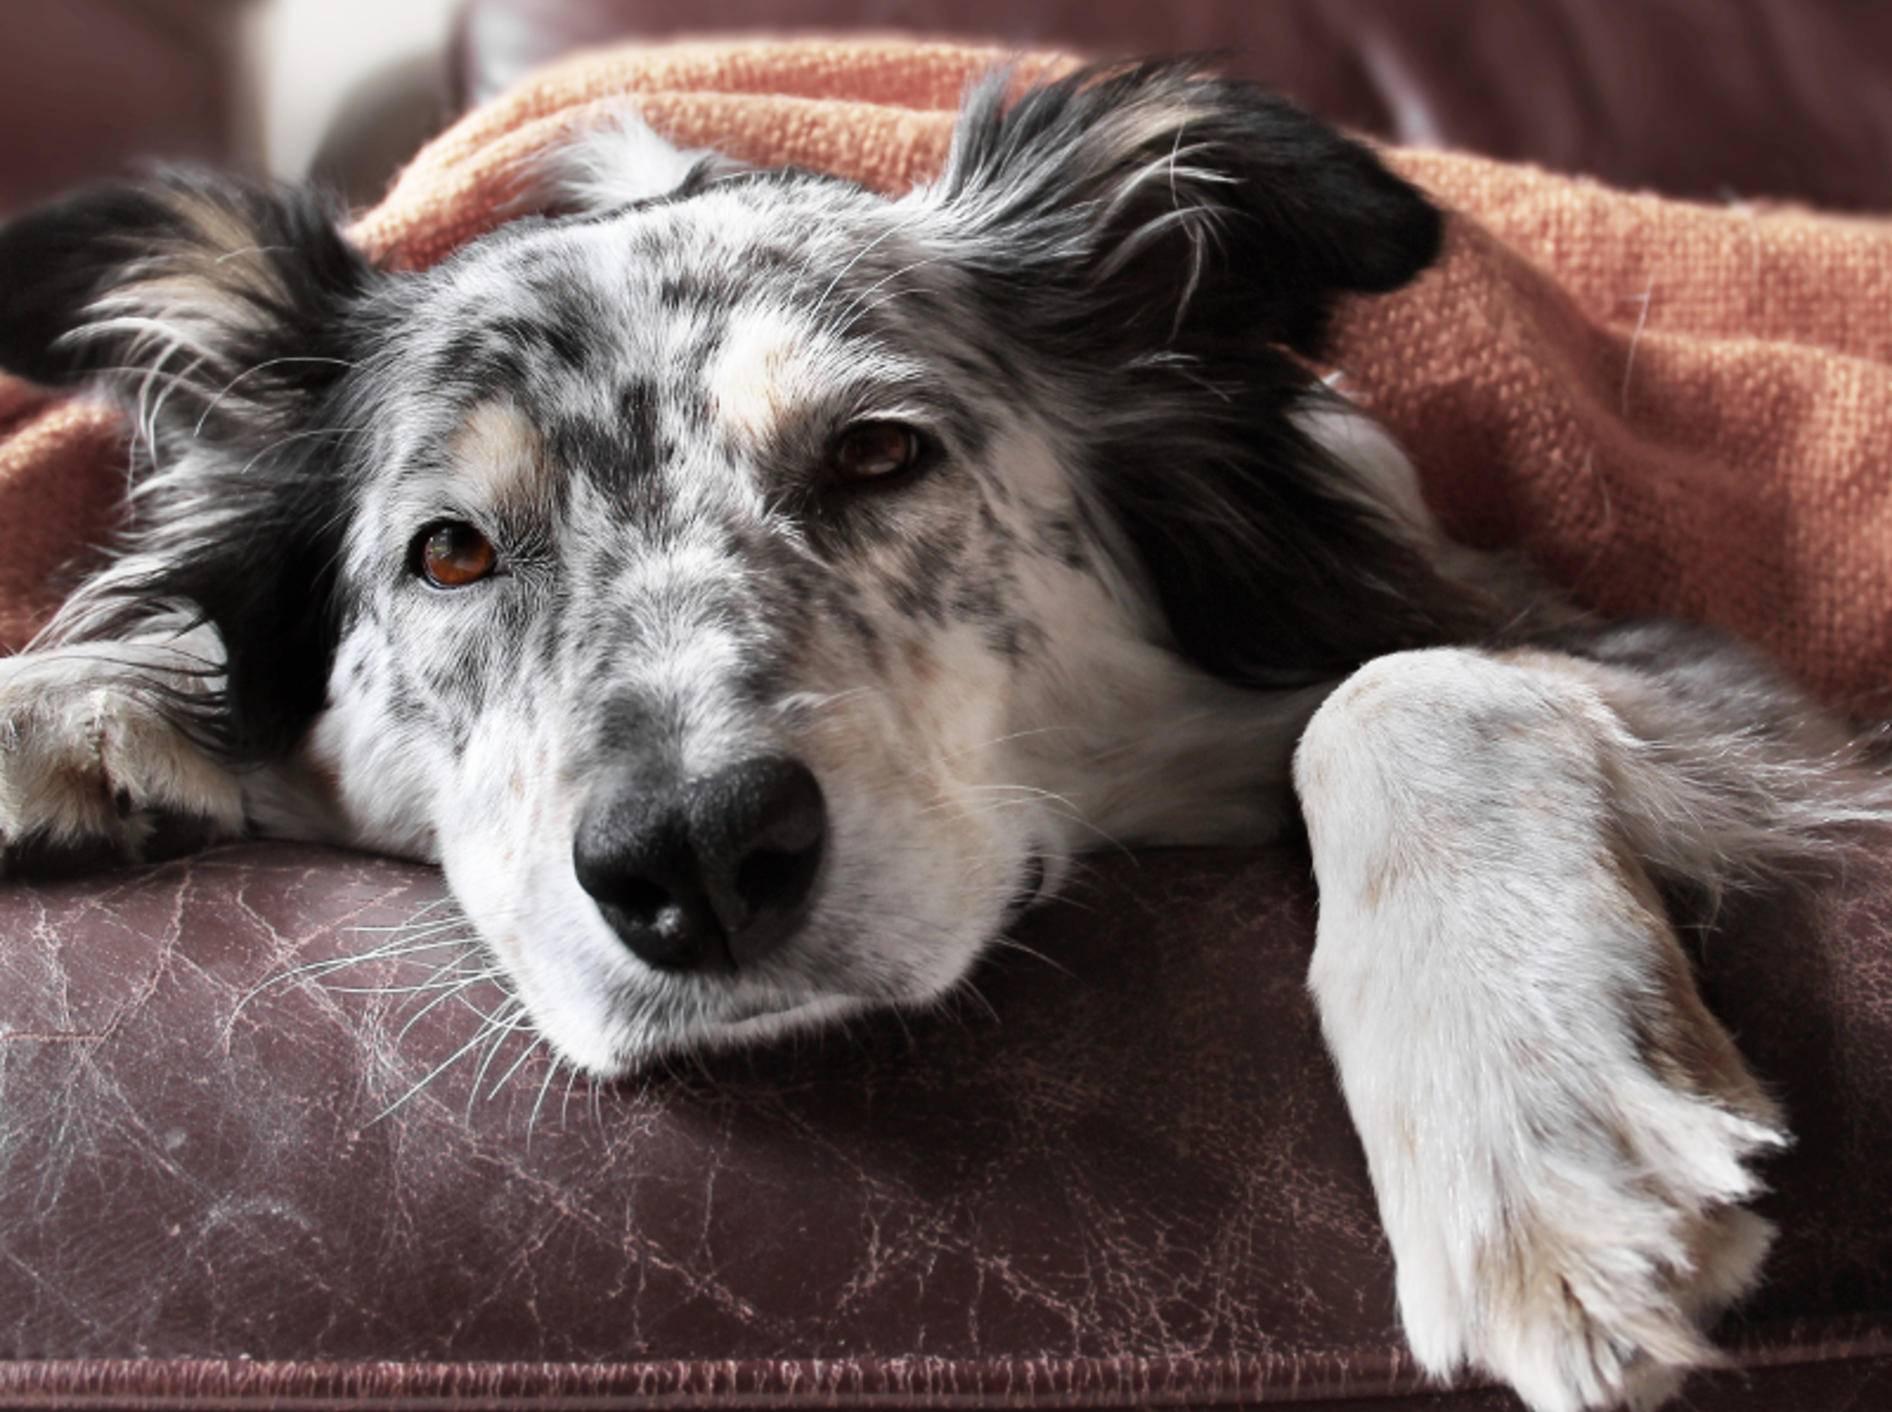 Eine Bauchspeicheldrüsenentzündung muss unbedingt vom Tierarzt behandelt werden – Bild: Shutterstock / Lindsay Helms